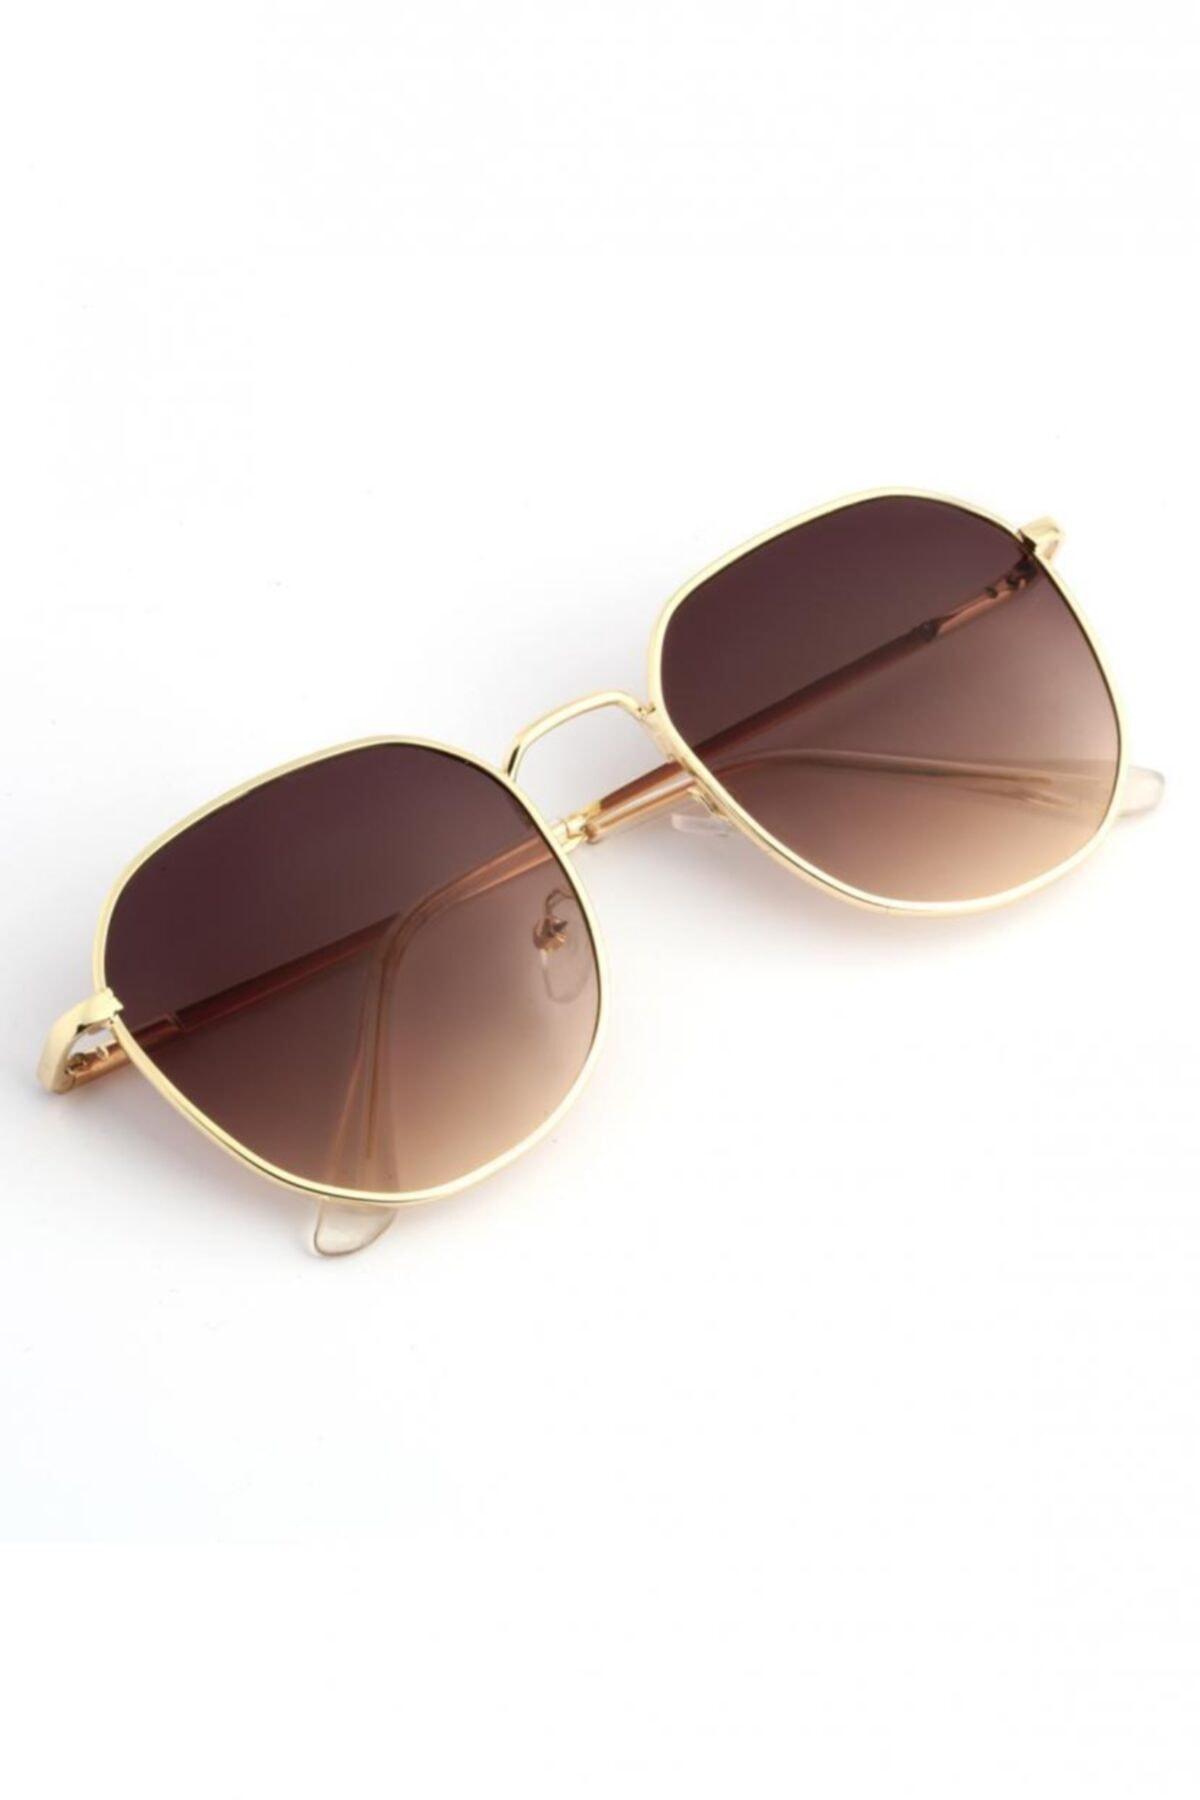 فروش اینترنتی عینک آفتابی زنانه با قیمت برند Polo U.K. رنگ نقره کد ty35103646